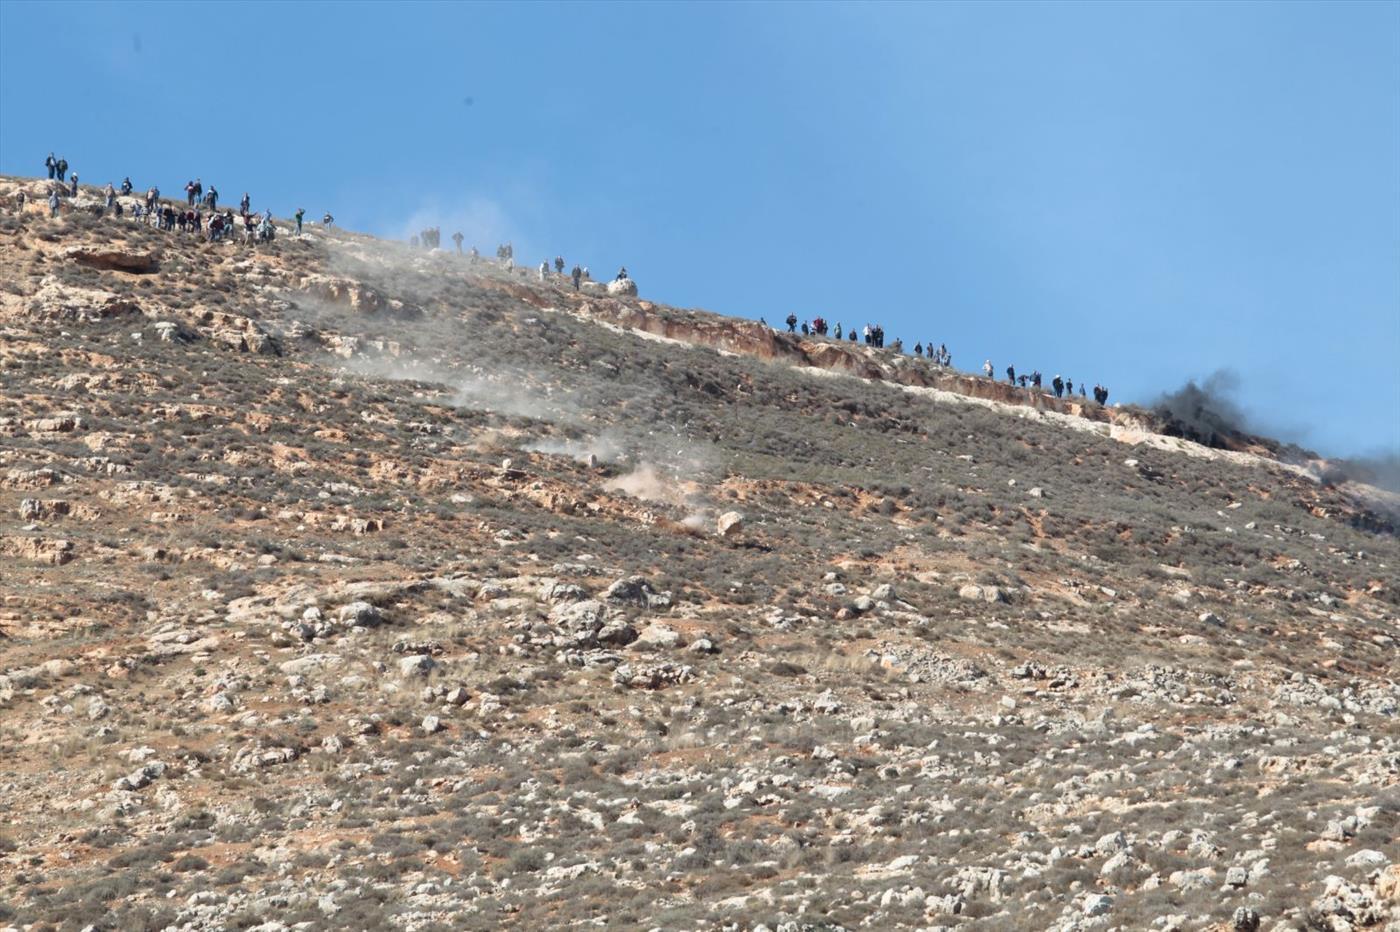 ערבים מדרדרים בולדרים לעבר יהודים סמוך לקוצרא. צילום: הלל מאיר TPS